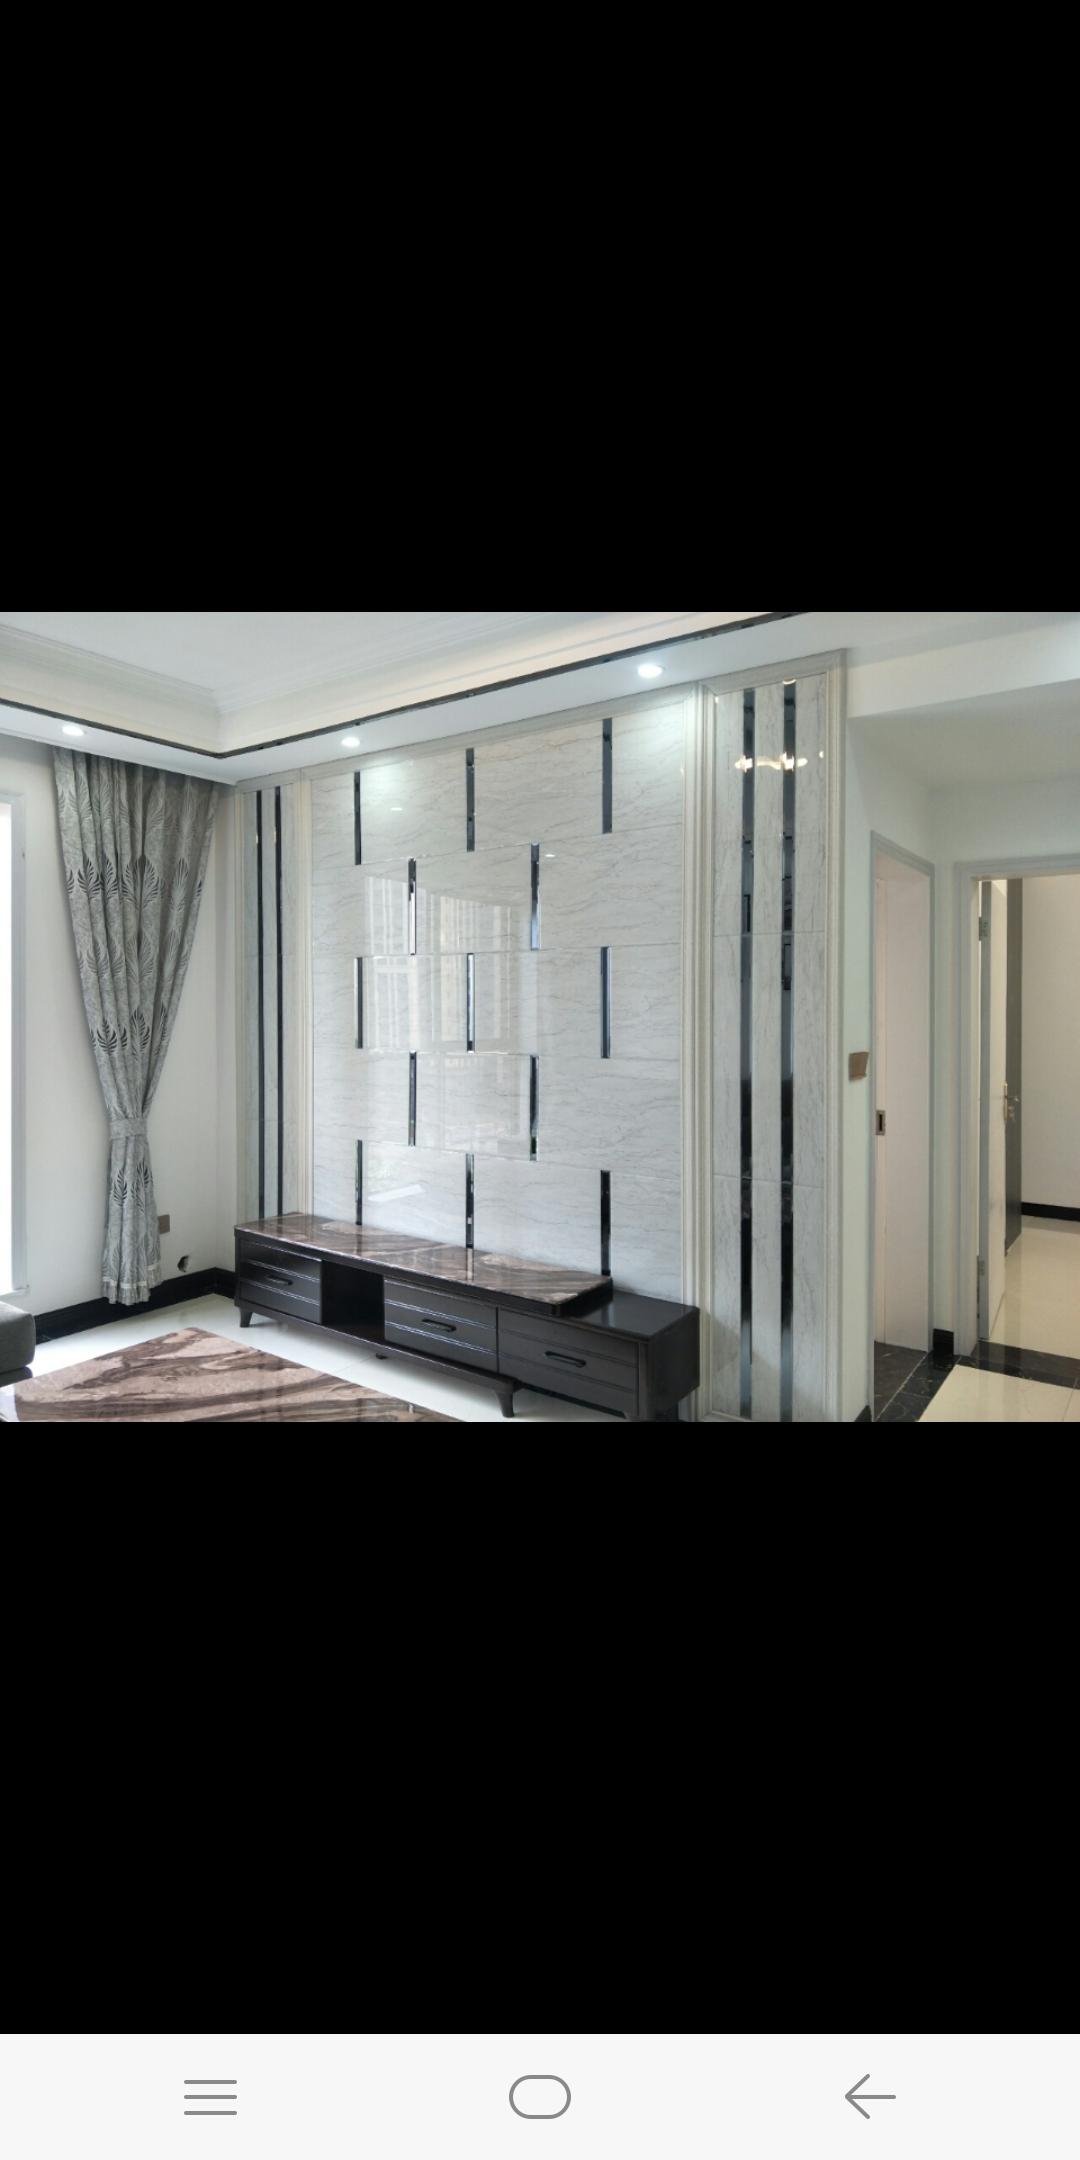 嘉和梦想城3室 2厅 2卫70万元